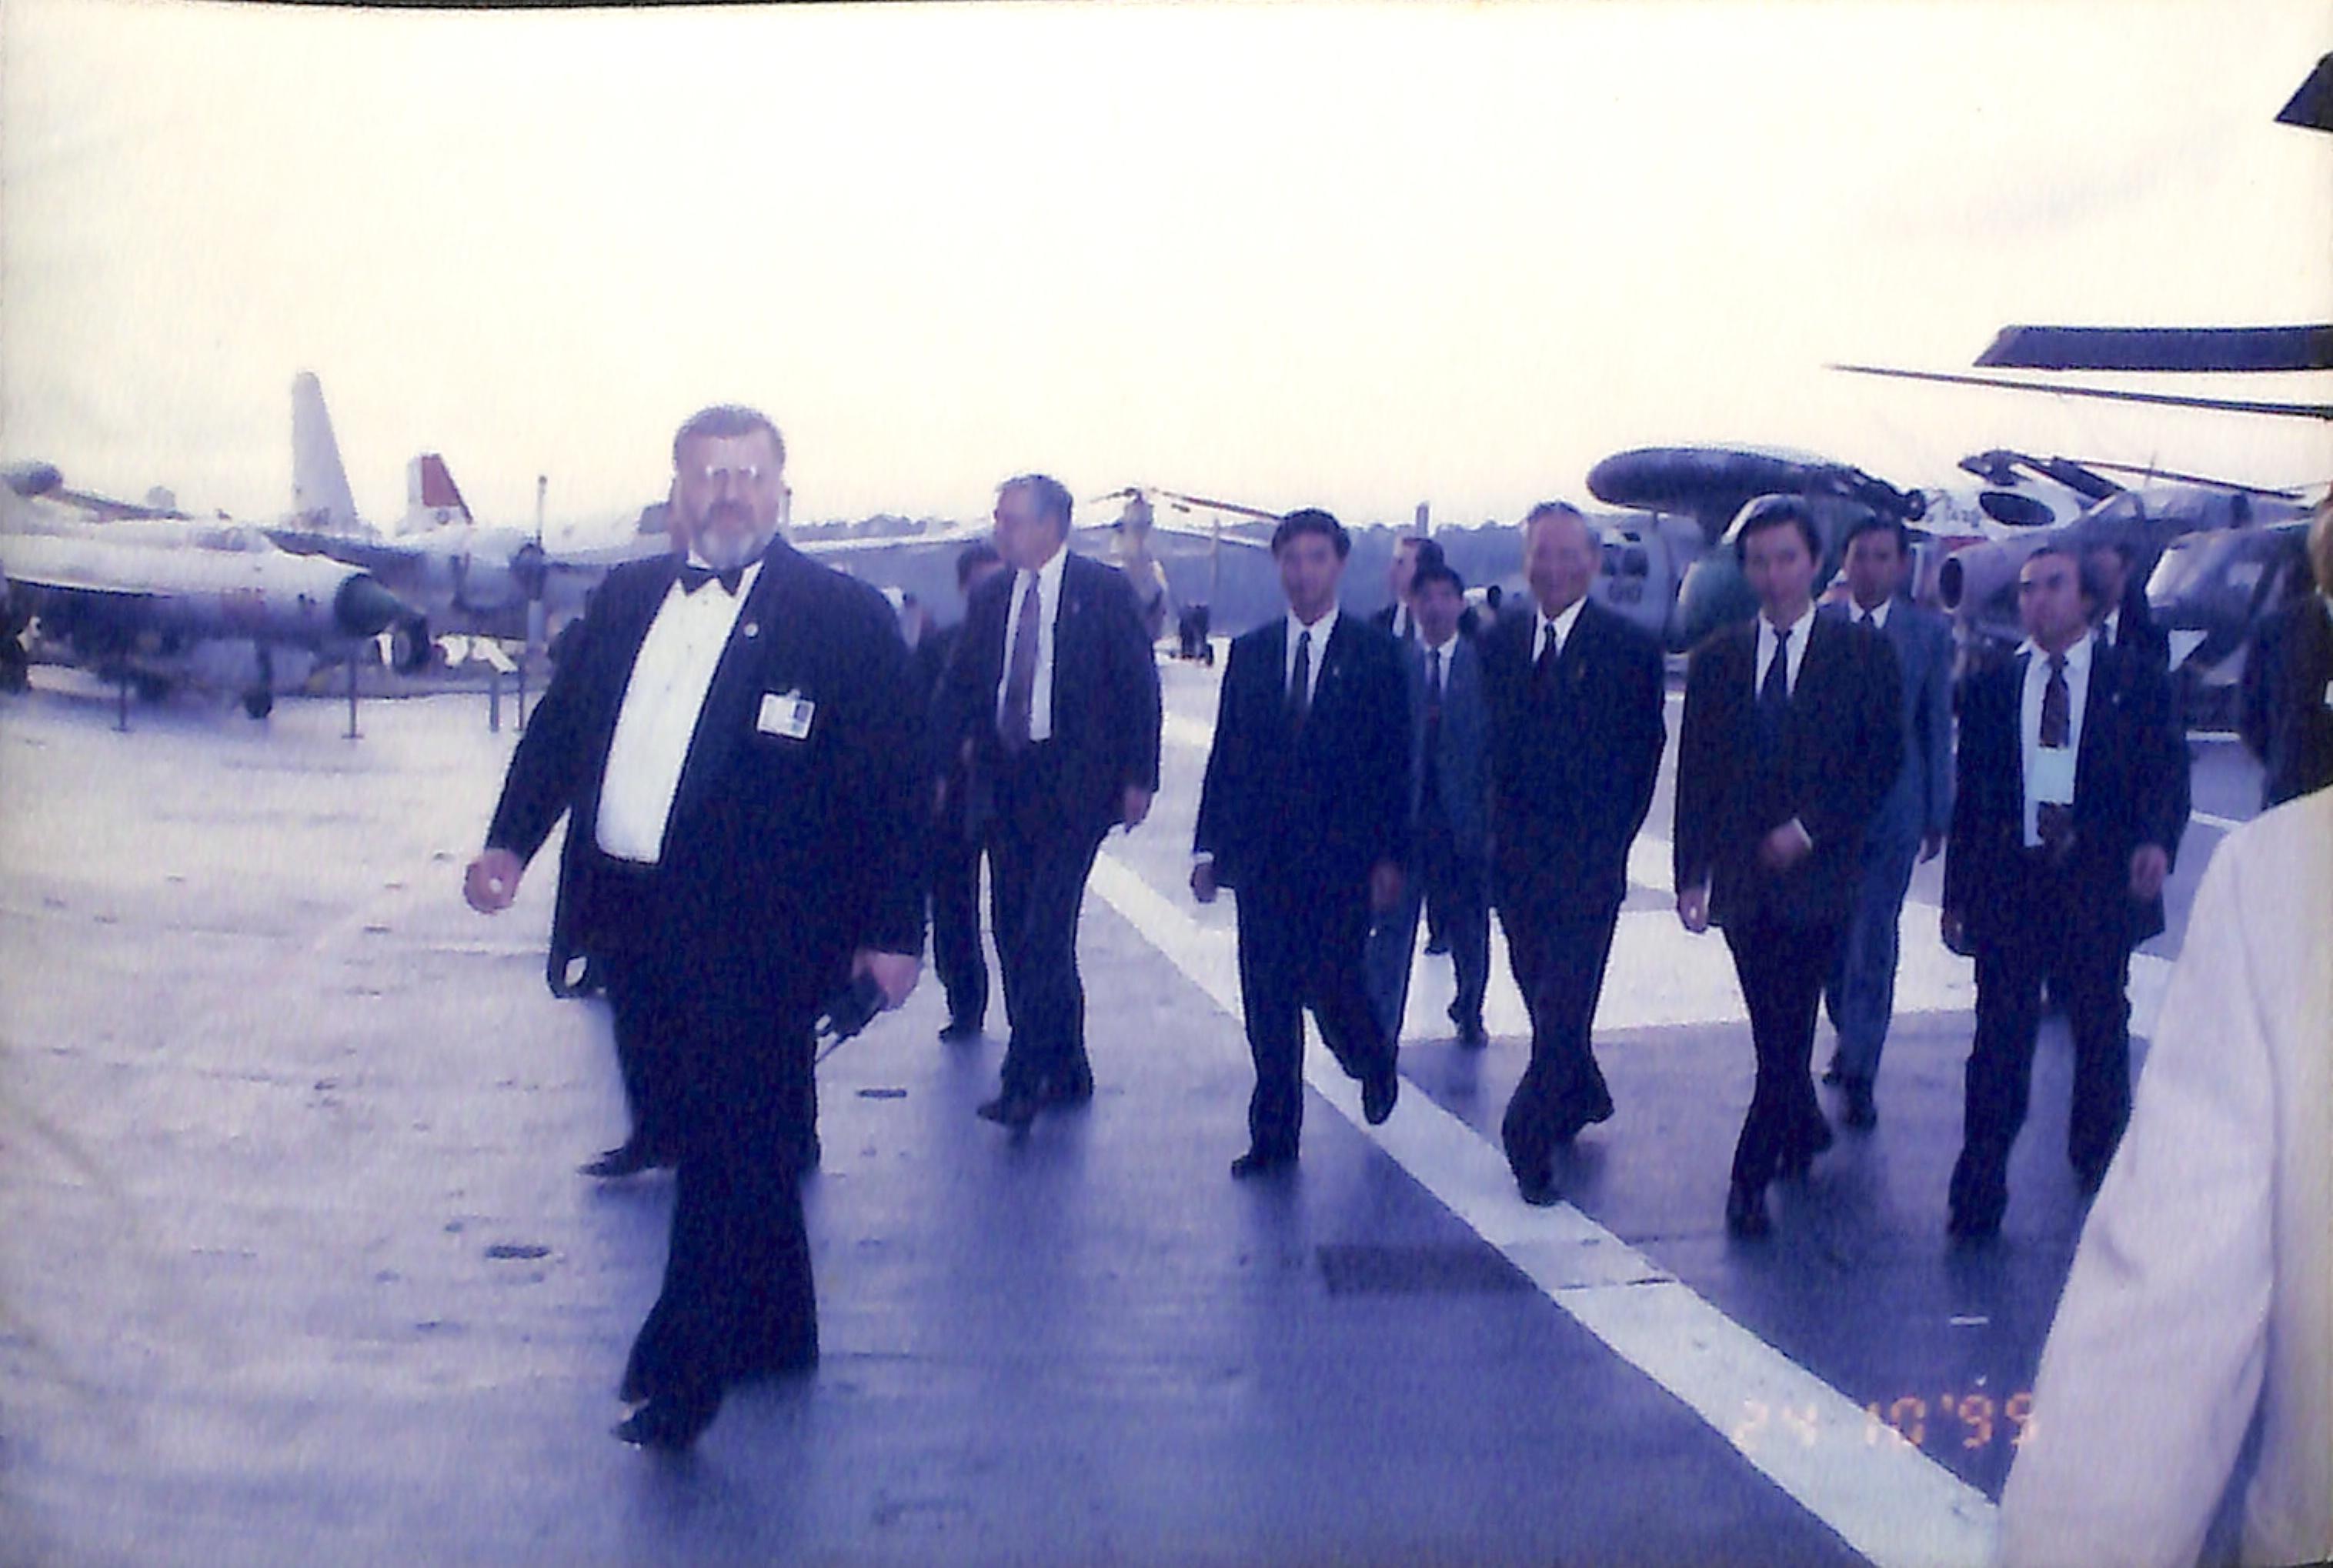 Chủ tịch nước Lê Đức Anh thăm tàu sân bay trong chuyến công tác tại Mỹ năm 1995